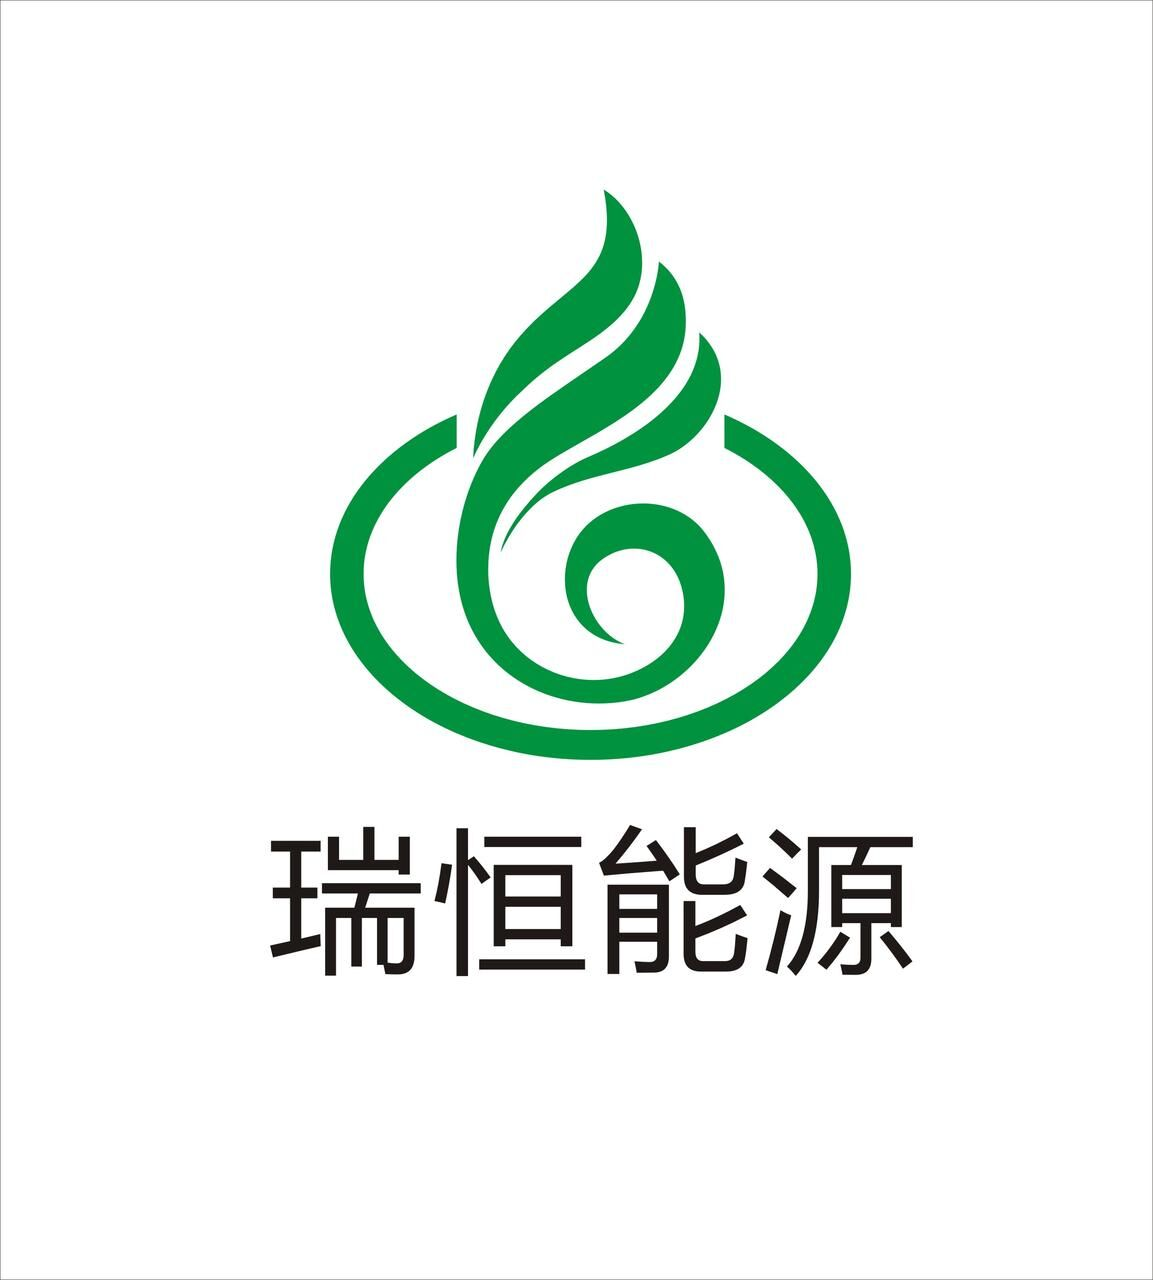 瑞恒环保燃油加盟图片